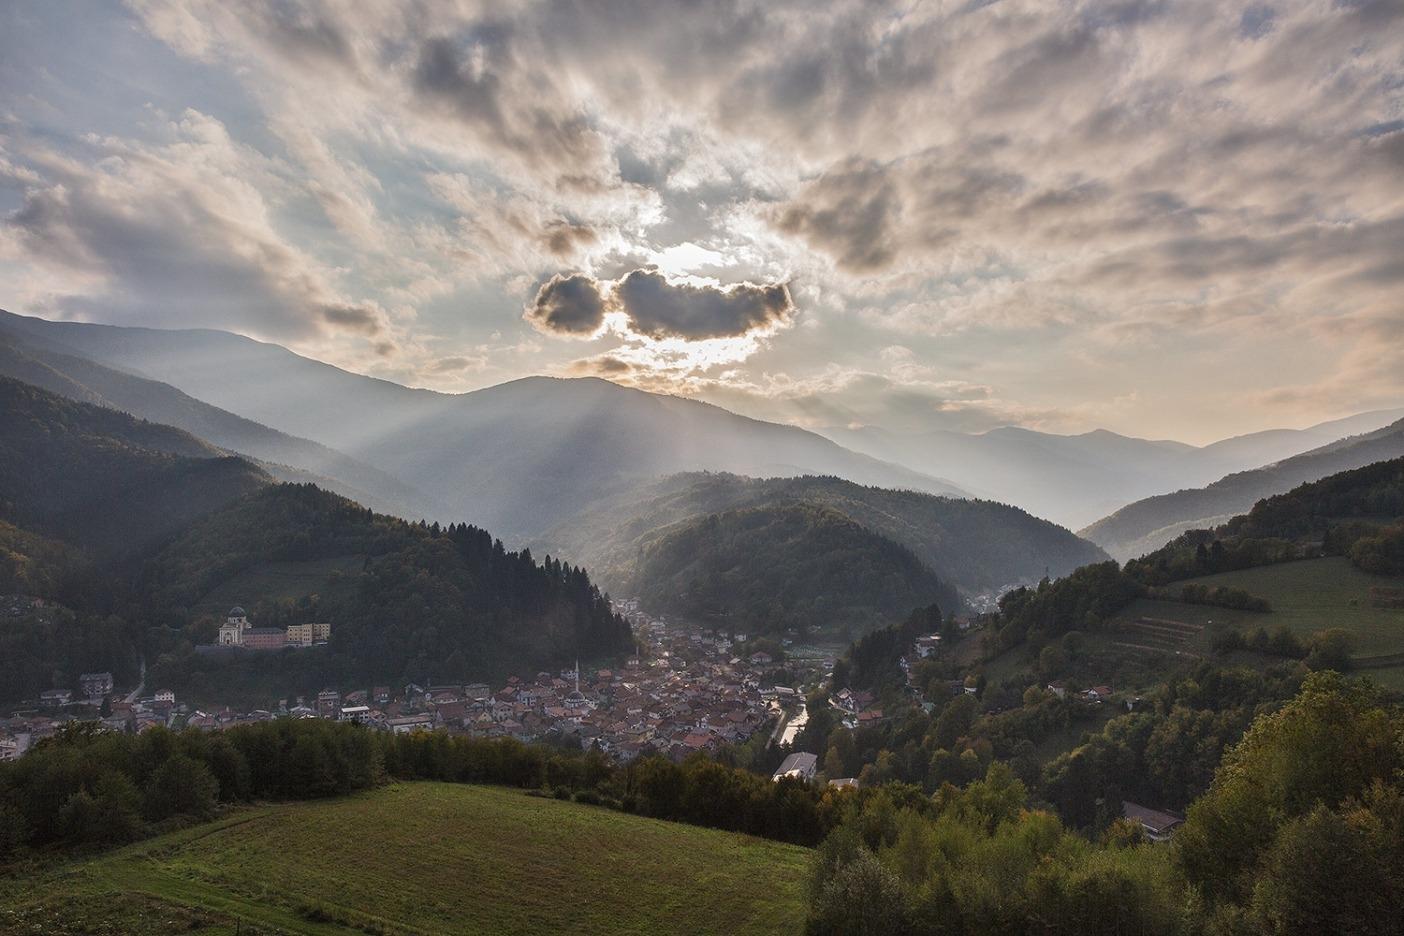 フランシスコ会修道院、中央モスク、そしてフォイニツァに流れ込む川が形成するいくつもの谷。ボスニア・ヘルツェゴビナ Photo:  Andrew Burr